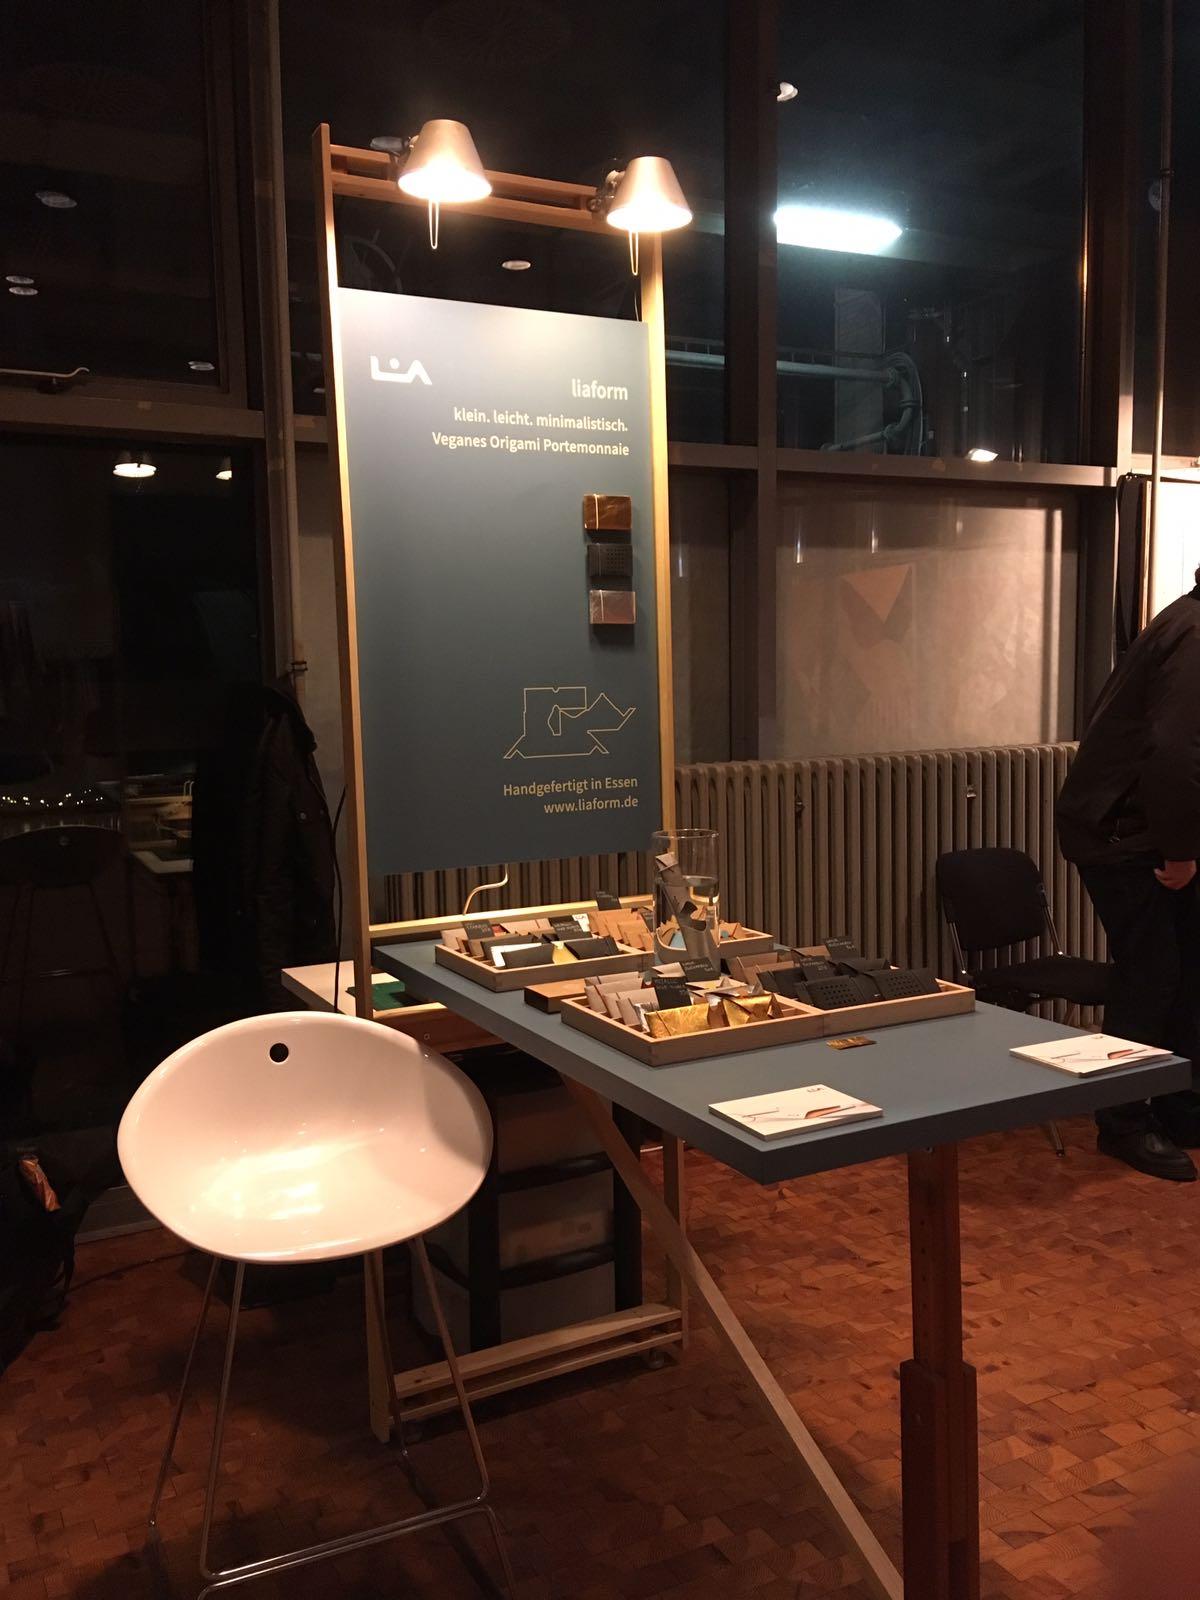 Messestand auf der Designmesse HANDVERLESEN auf Zeche Zollverein